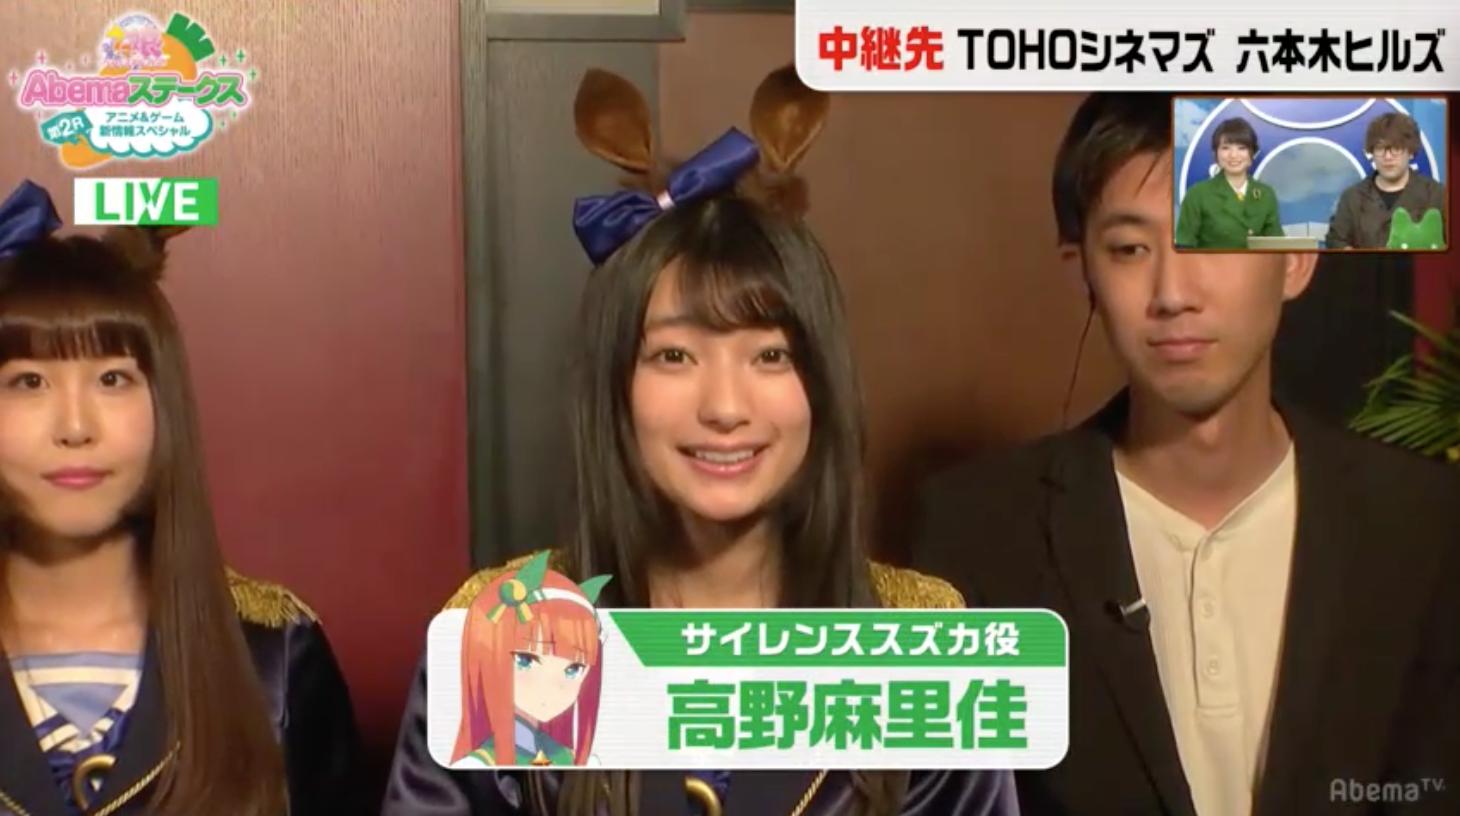 ウマ娘】高野麻里佳さん体調不良でAbema生放送を欠席、木村千咲さんが ...